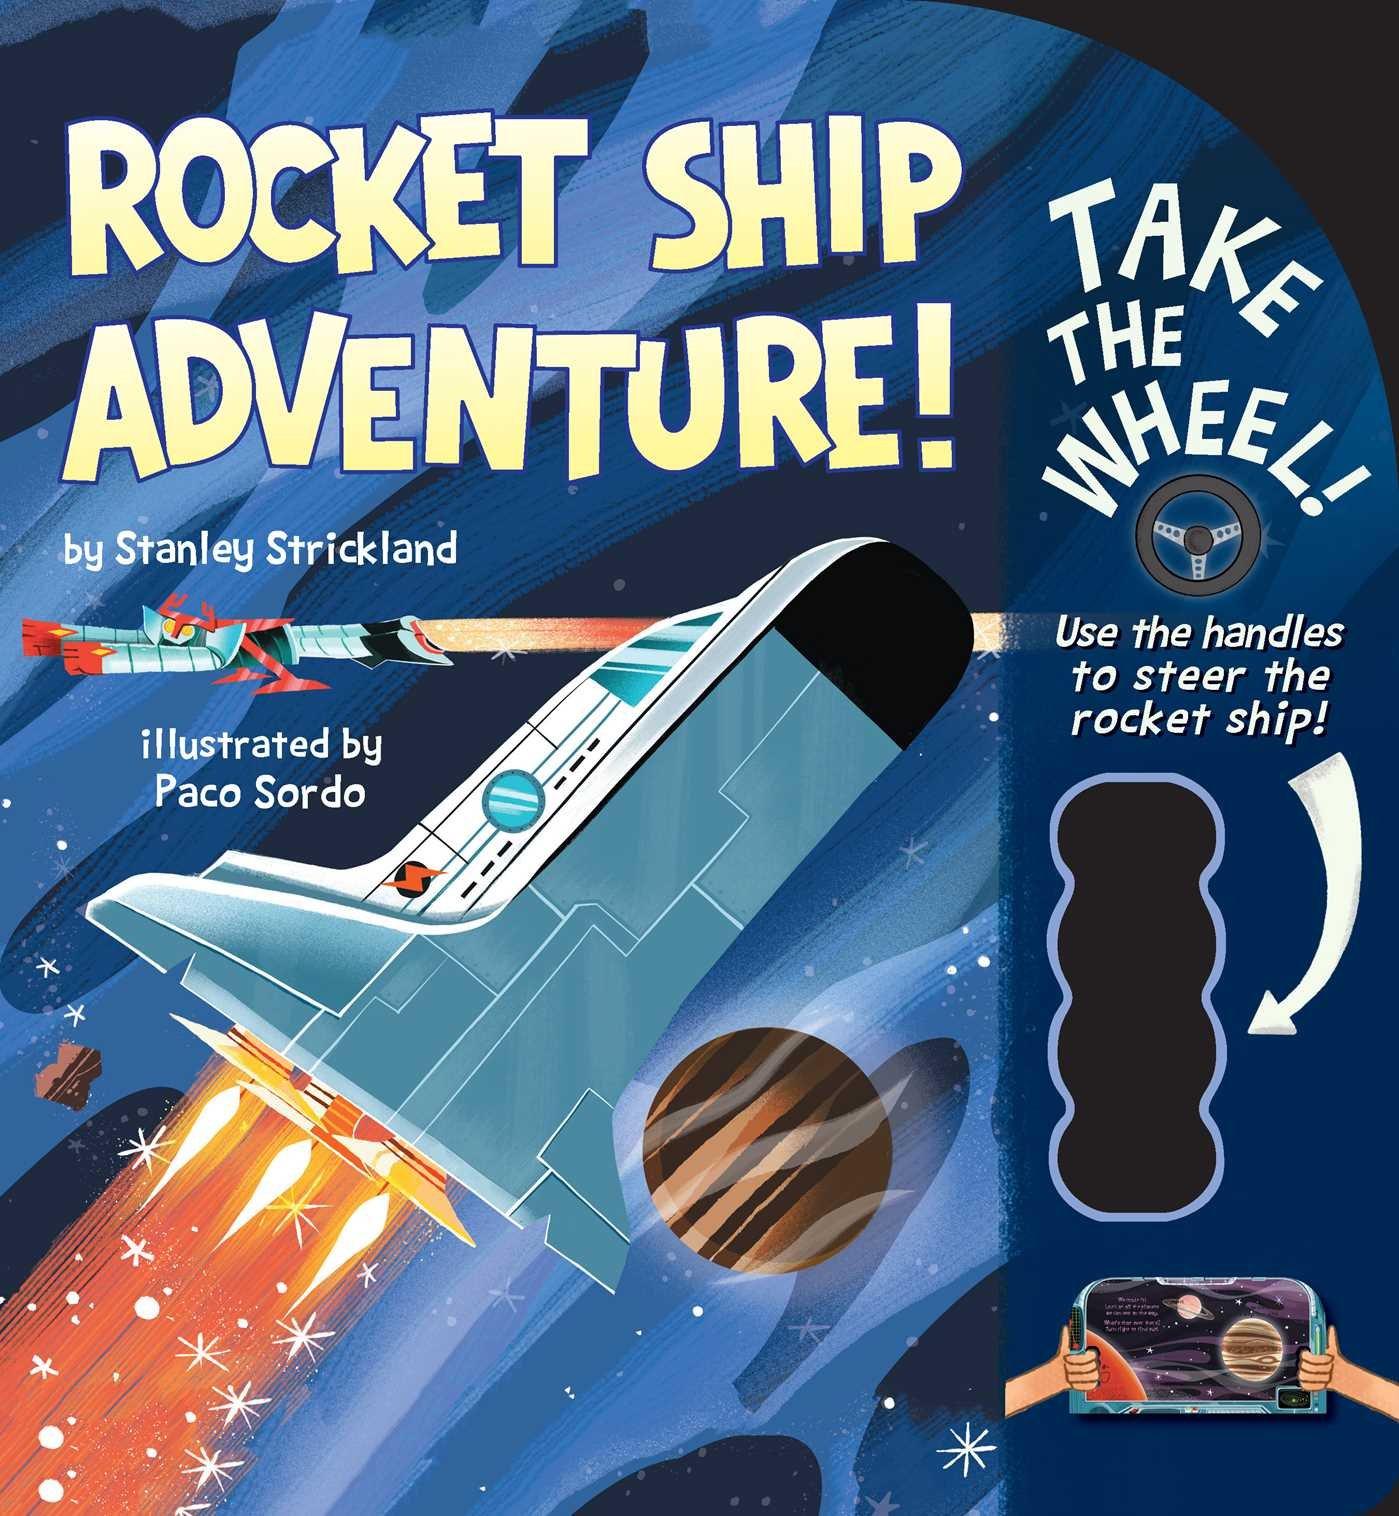 Rocket Ship Adventure! (Take the Wheel!) pdf epub